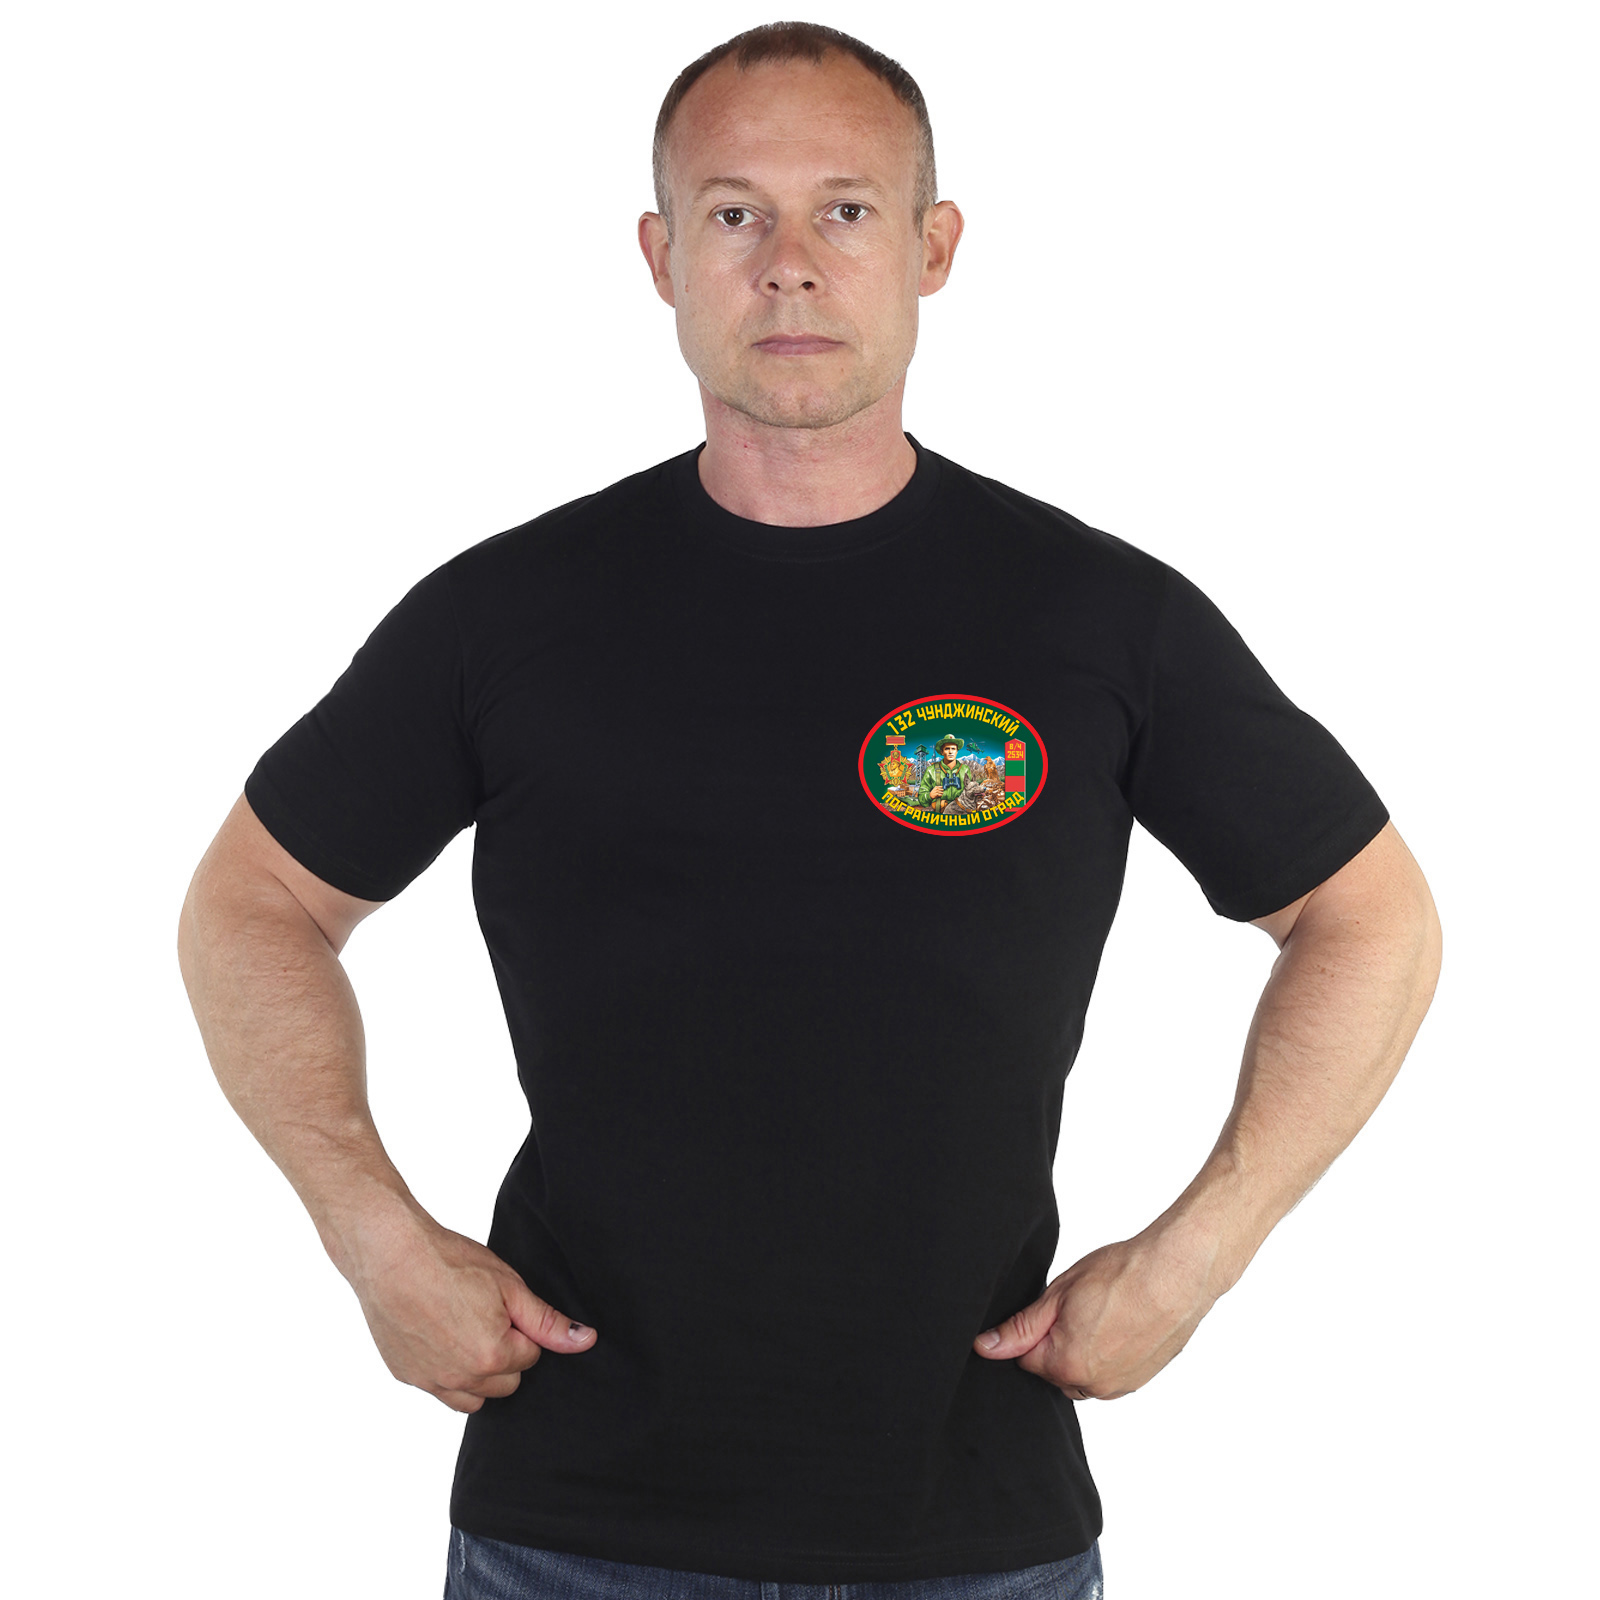 Купить футболку 132 Чунджинский погранотряд